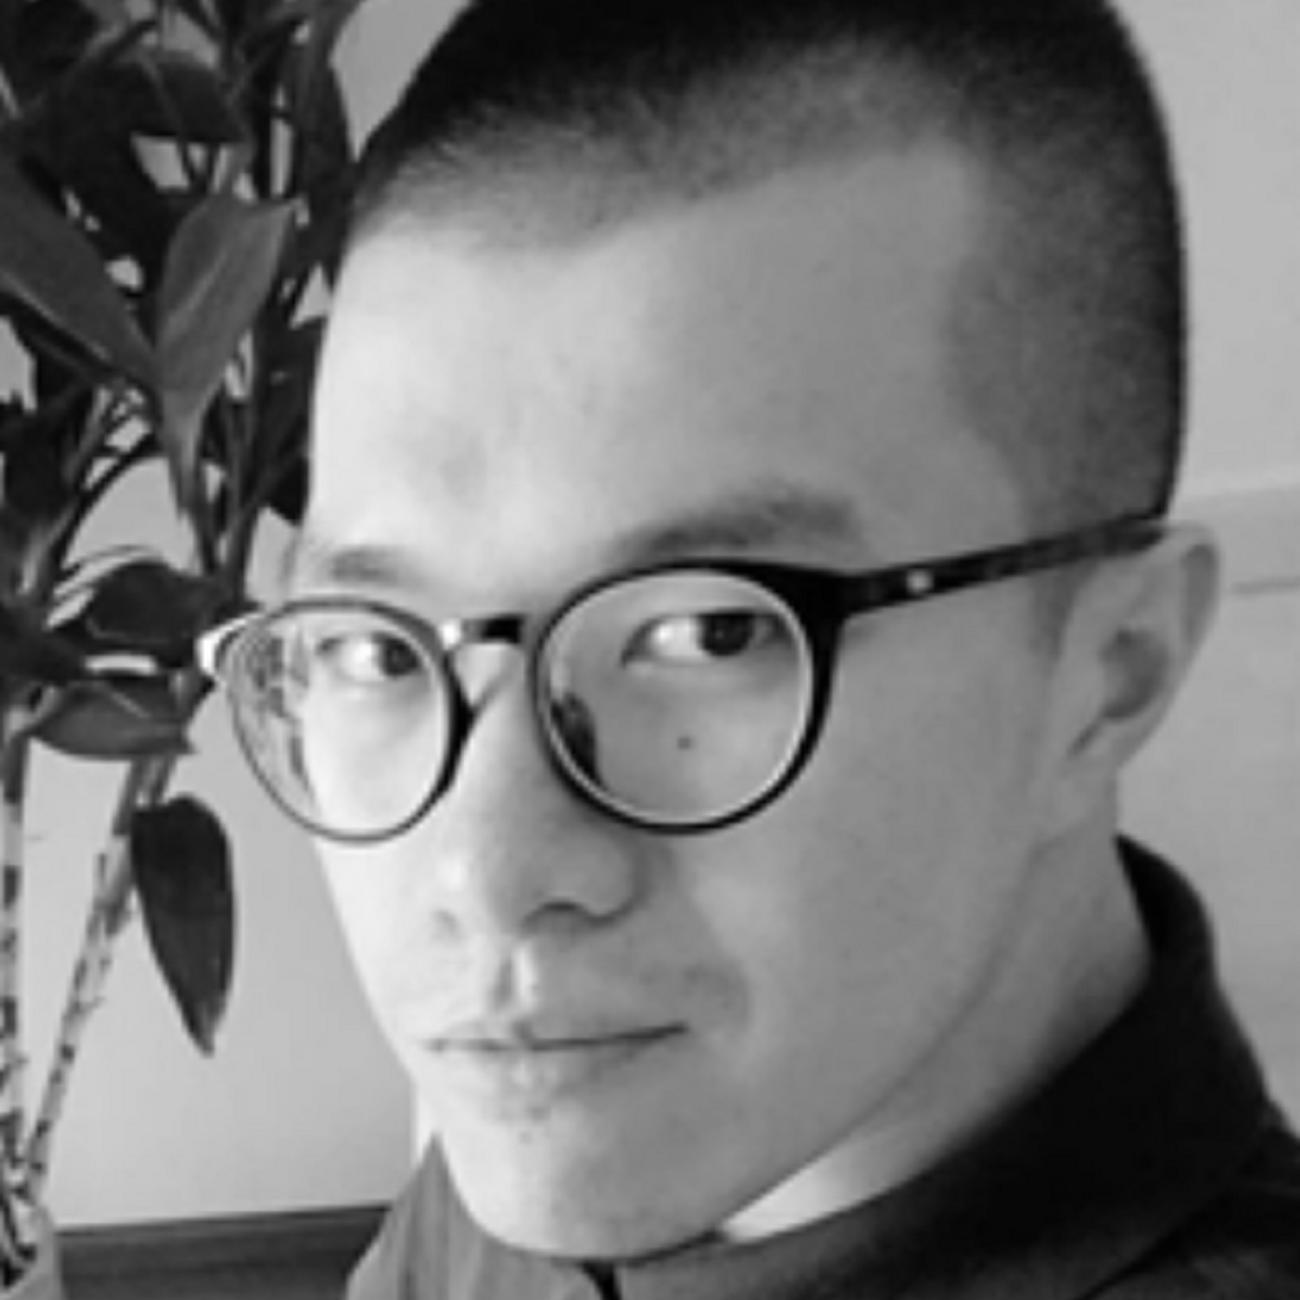 Zhijie Yang